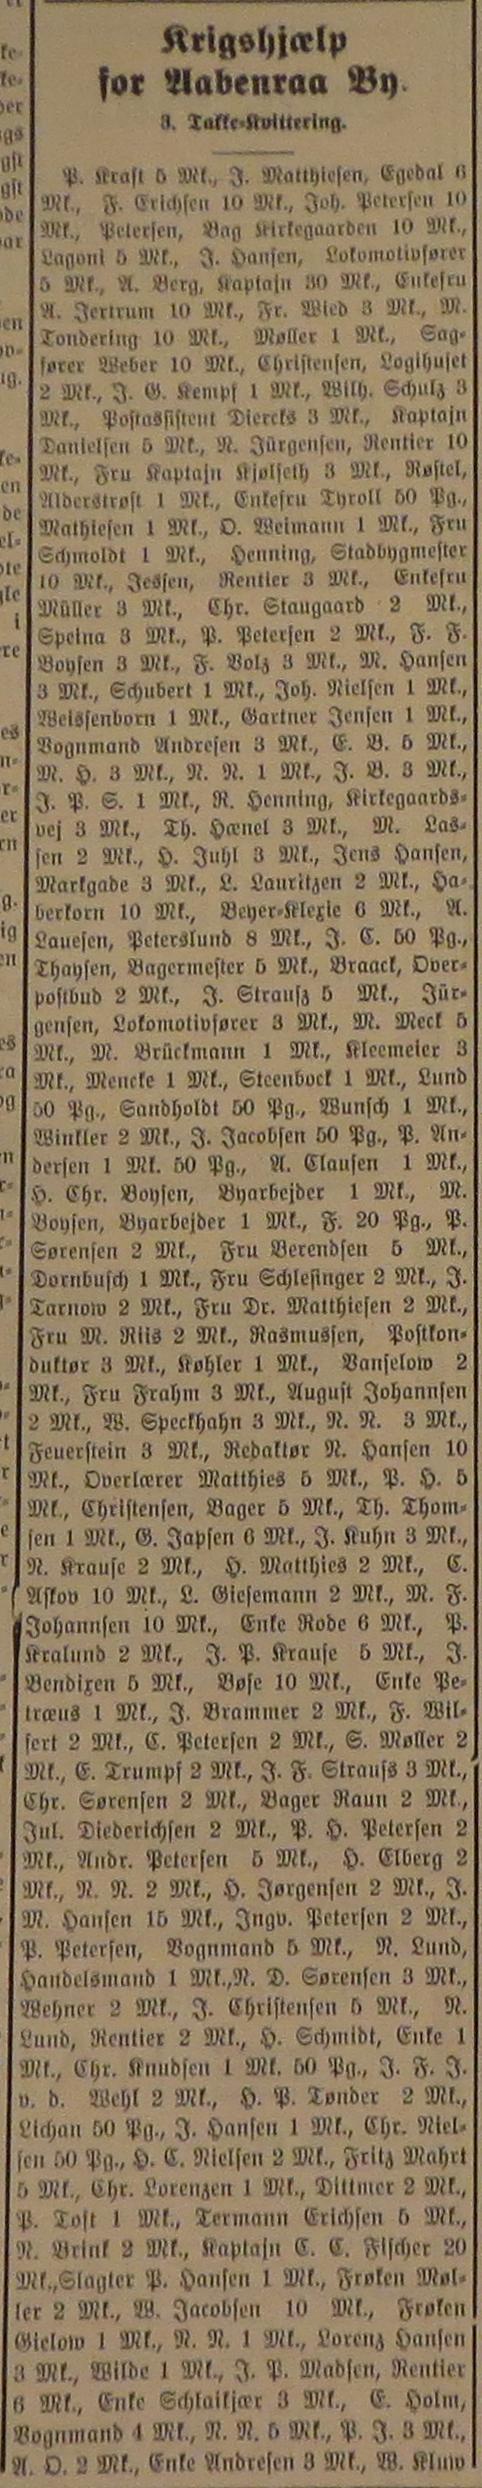 21.09.1914 - krigshjælp, Hejmdal